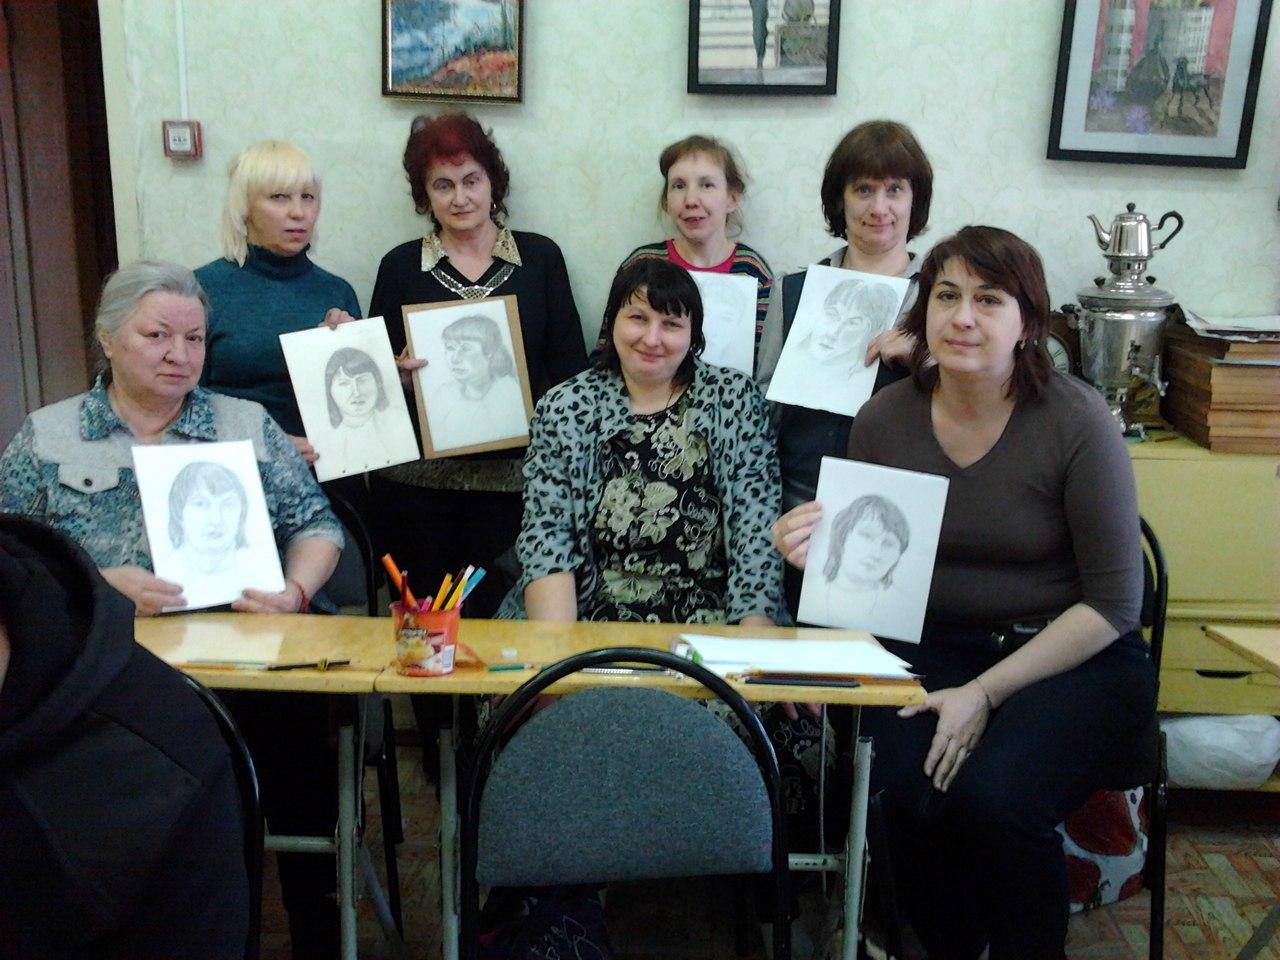 Мастер-класс по выполнению портрета в клубе инвалидов «Вера»